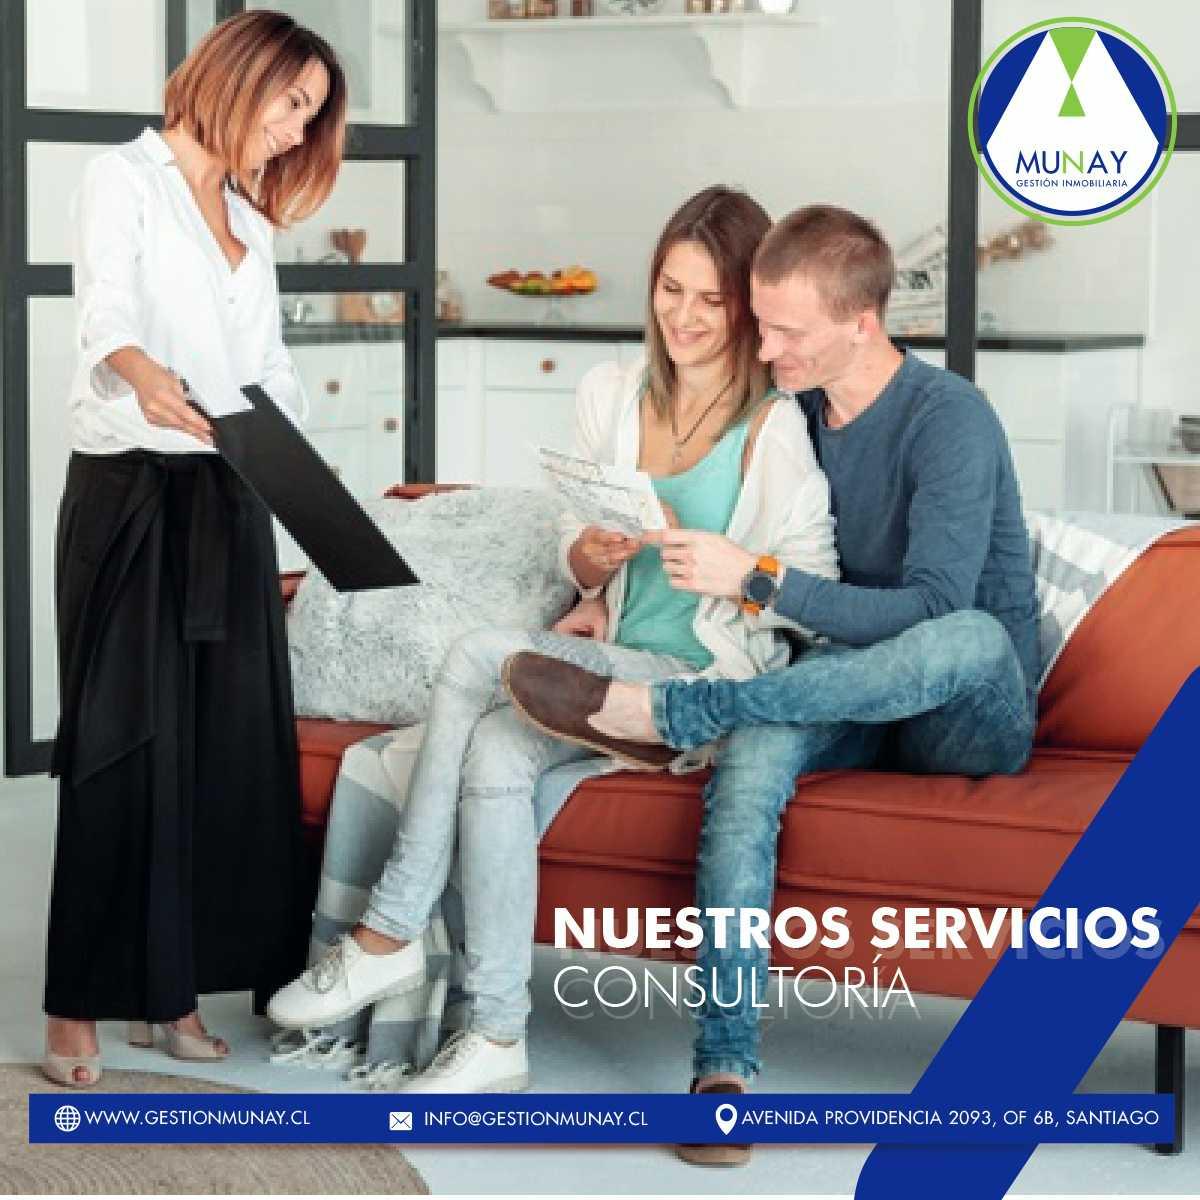 Munay Gestión Inmobiliaria